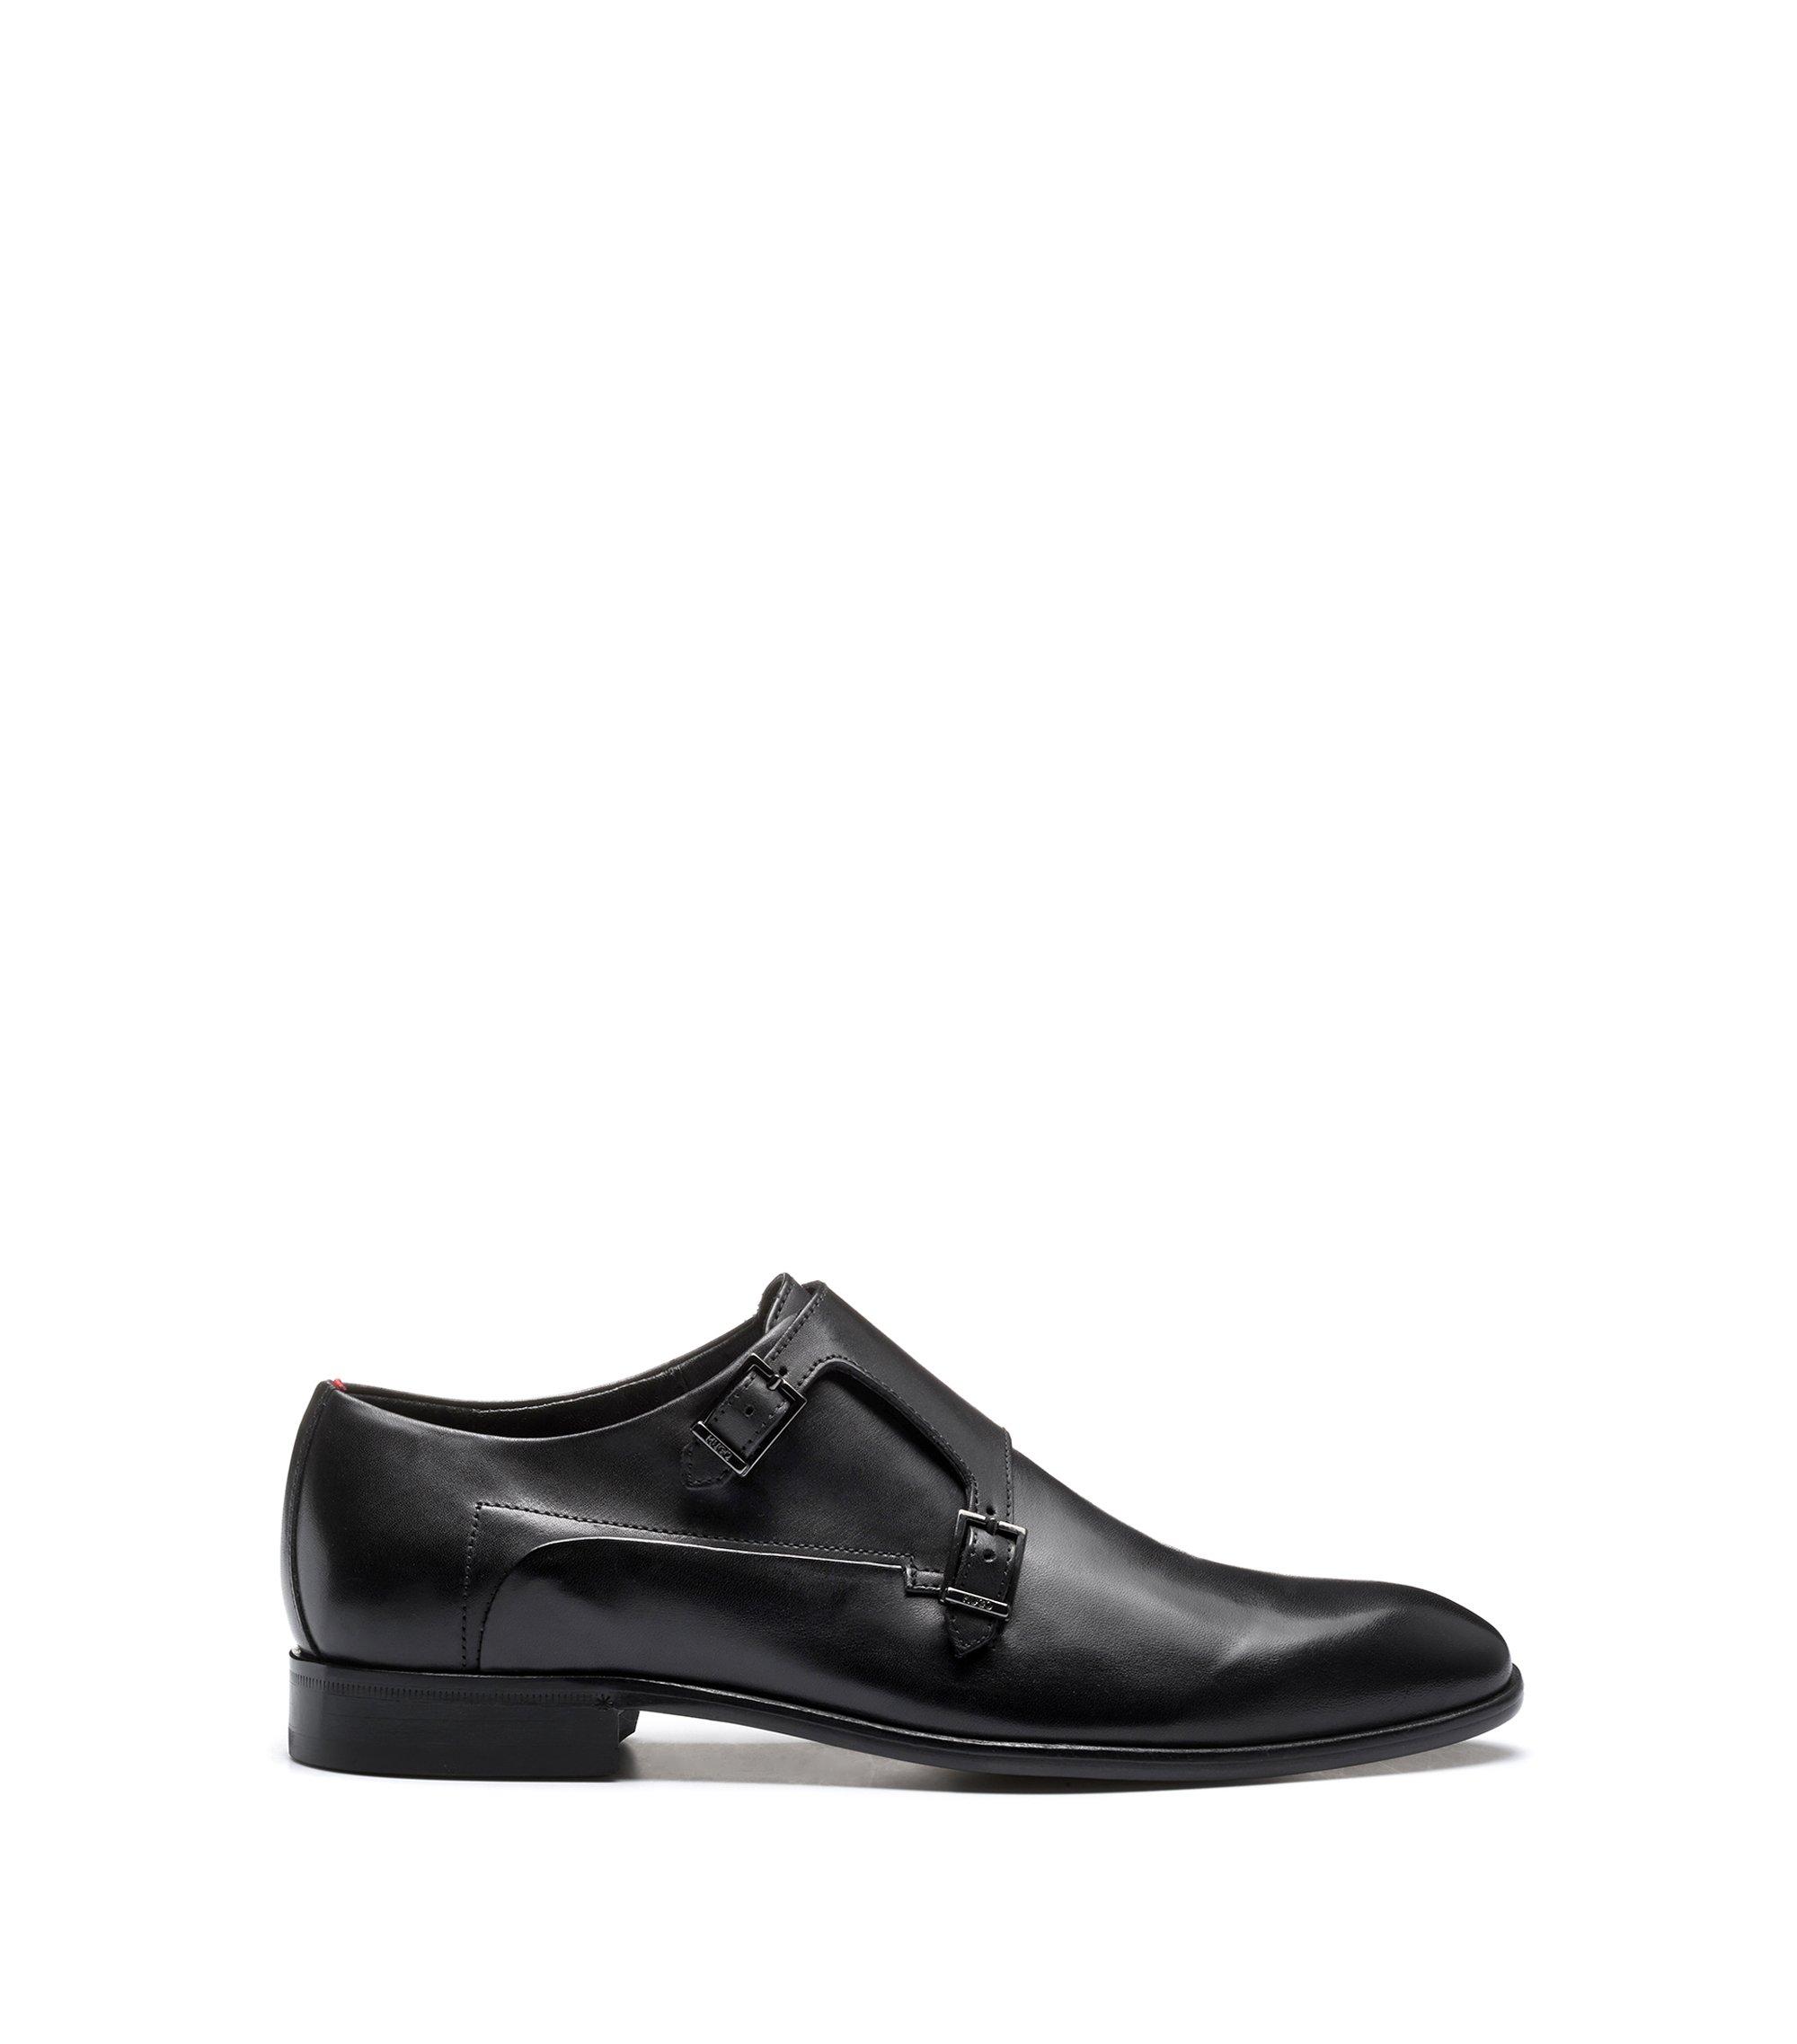 Chaussures en cuir à double bride, Noir